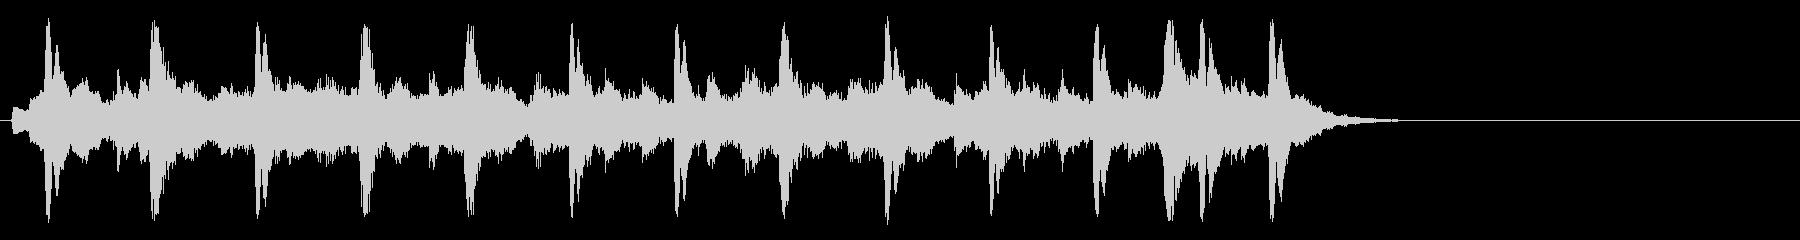 懐古的で温かいセミクラ(Aメロ)の未再生の波形